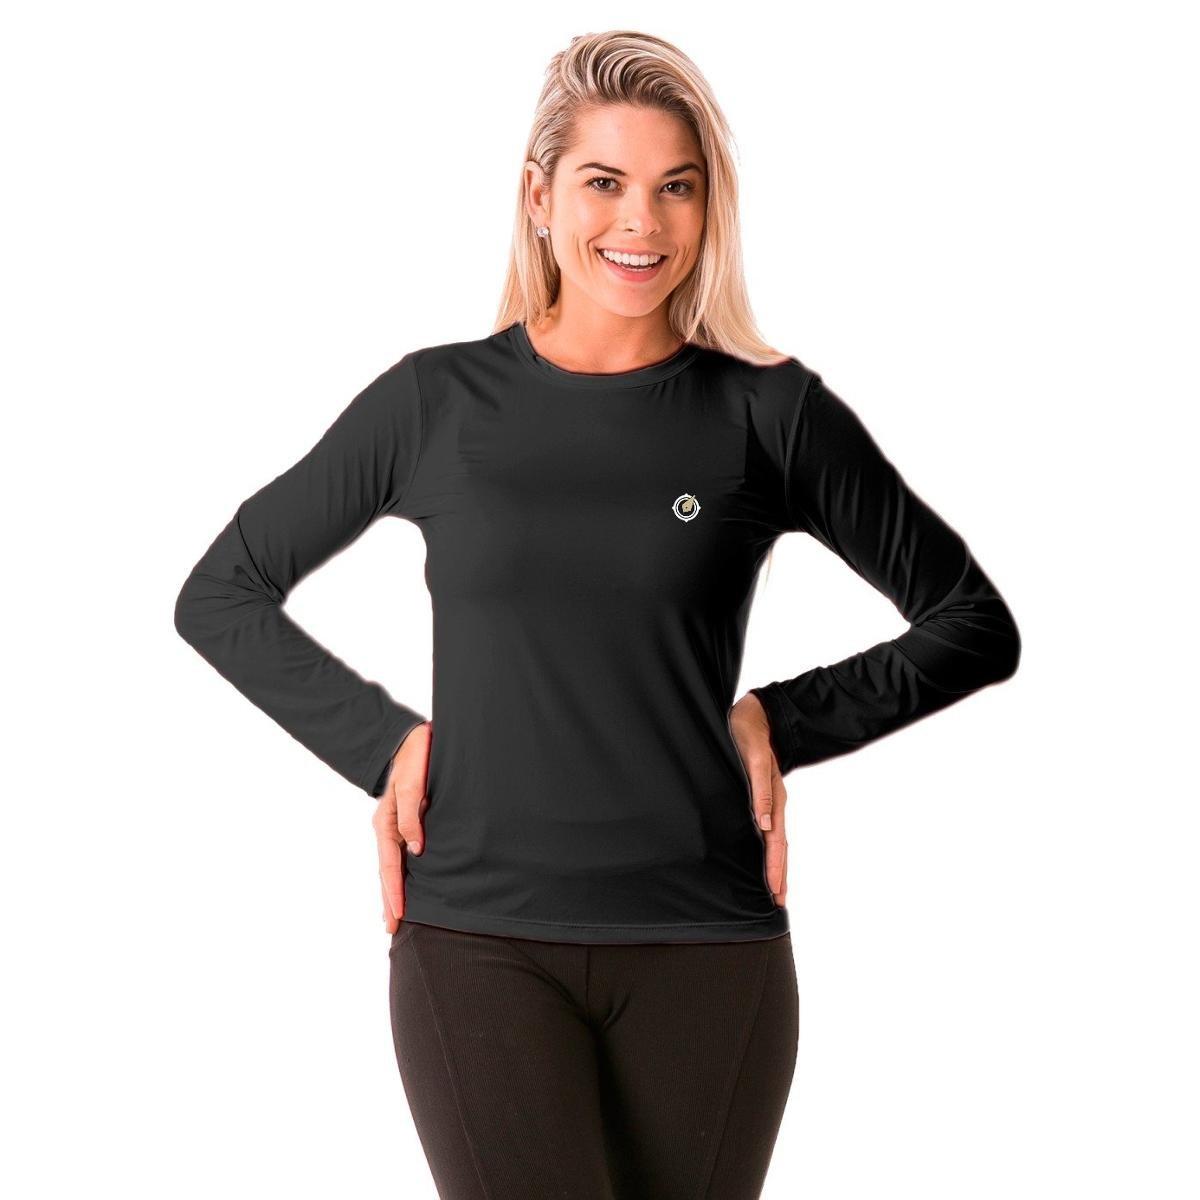 241c302b5 Camisa Térmica para Frio Manga Longa com Proteção Solar Extreme UV - Chumbo  - Compre Agora